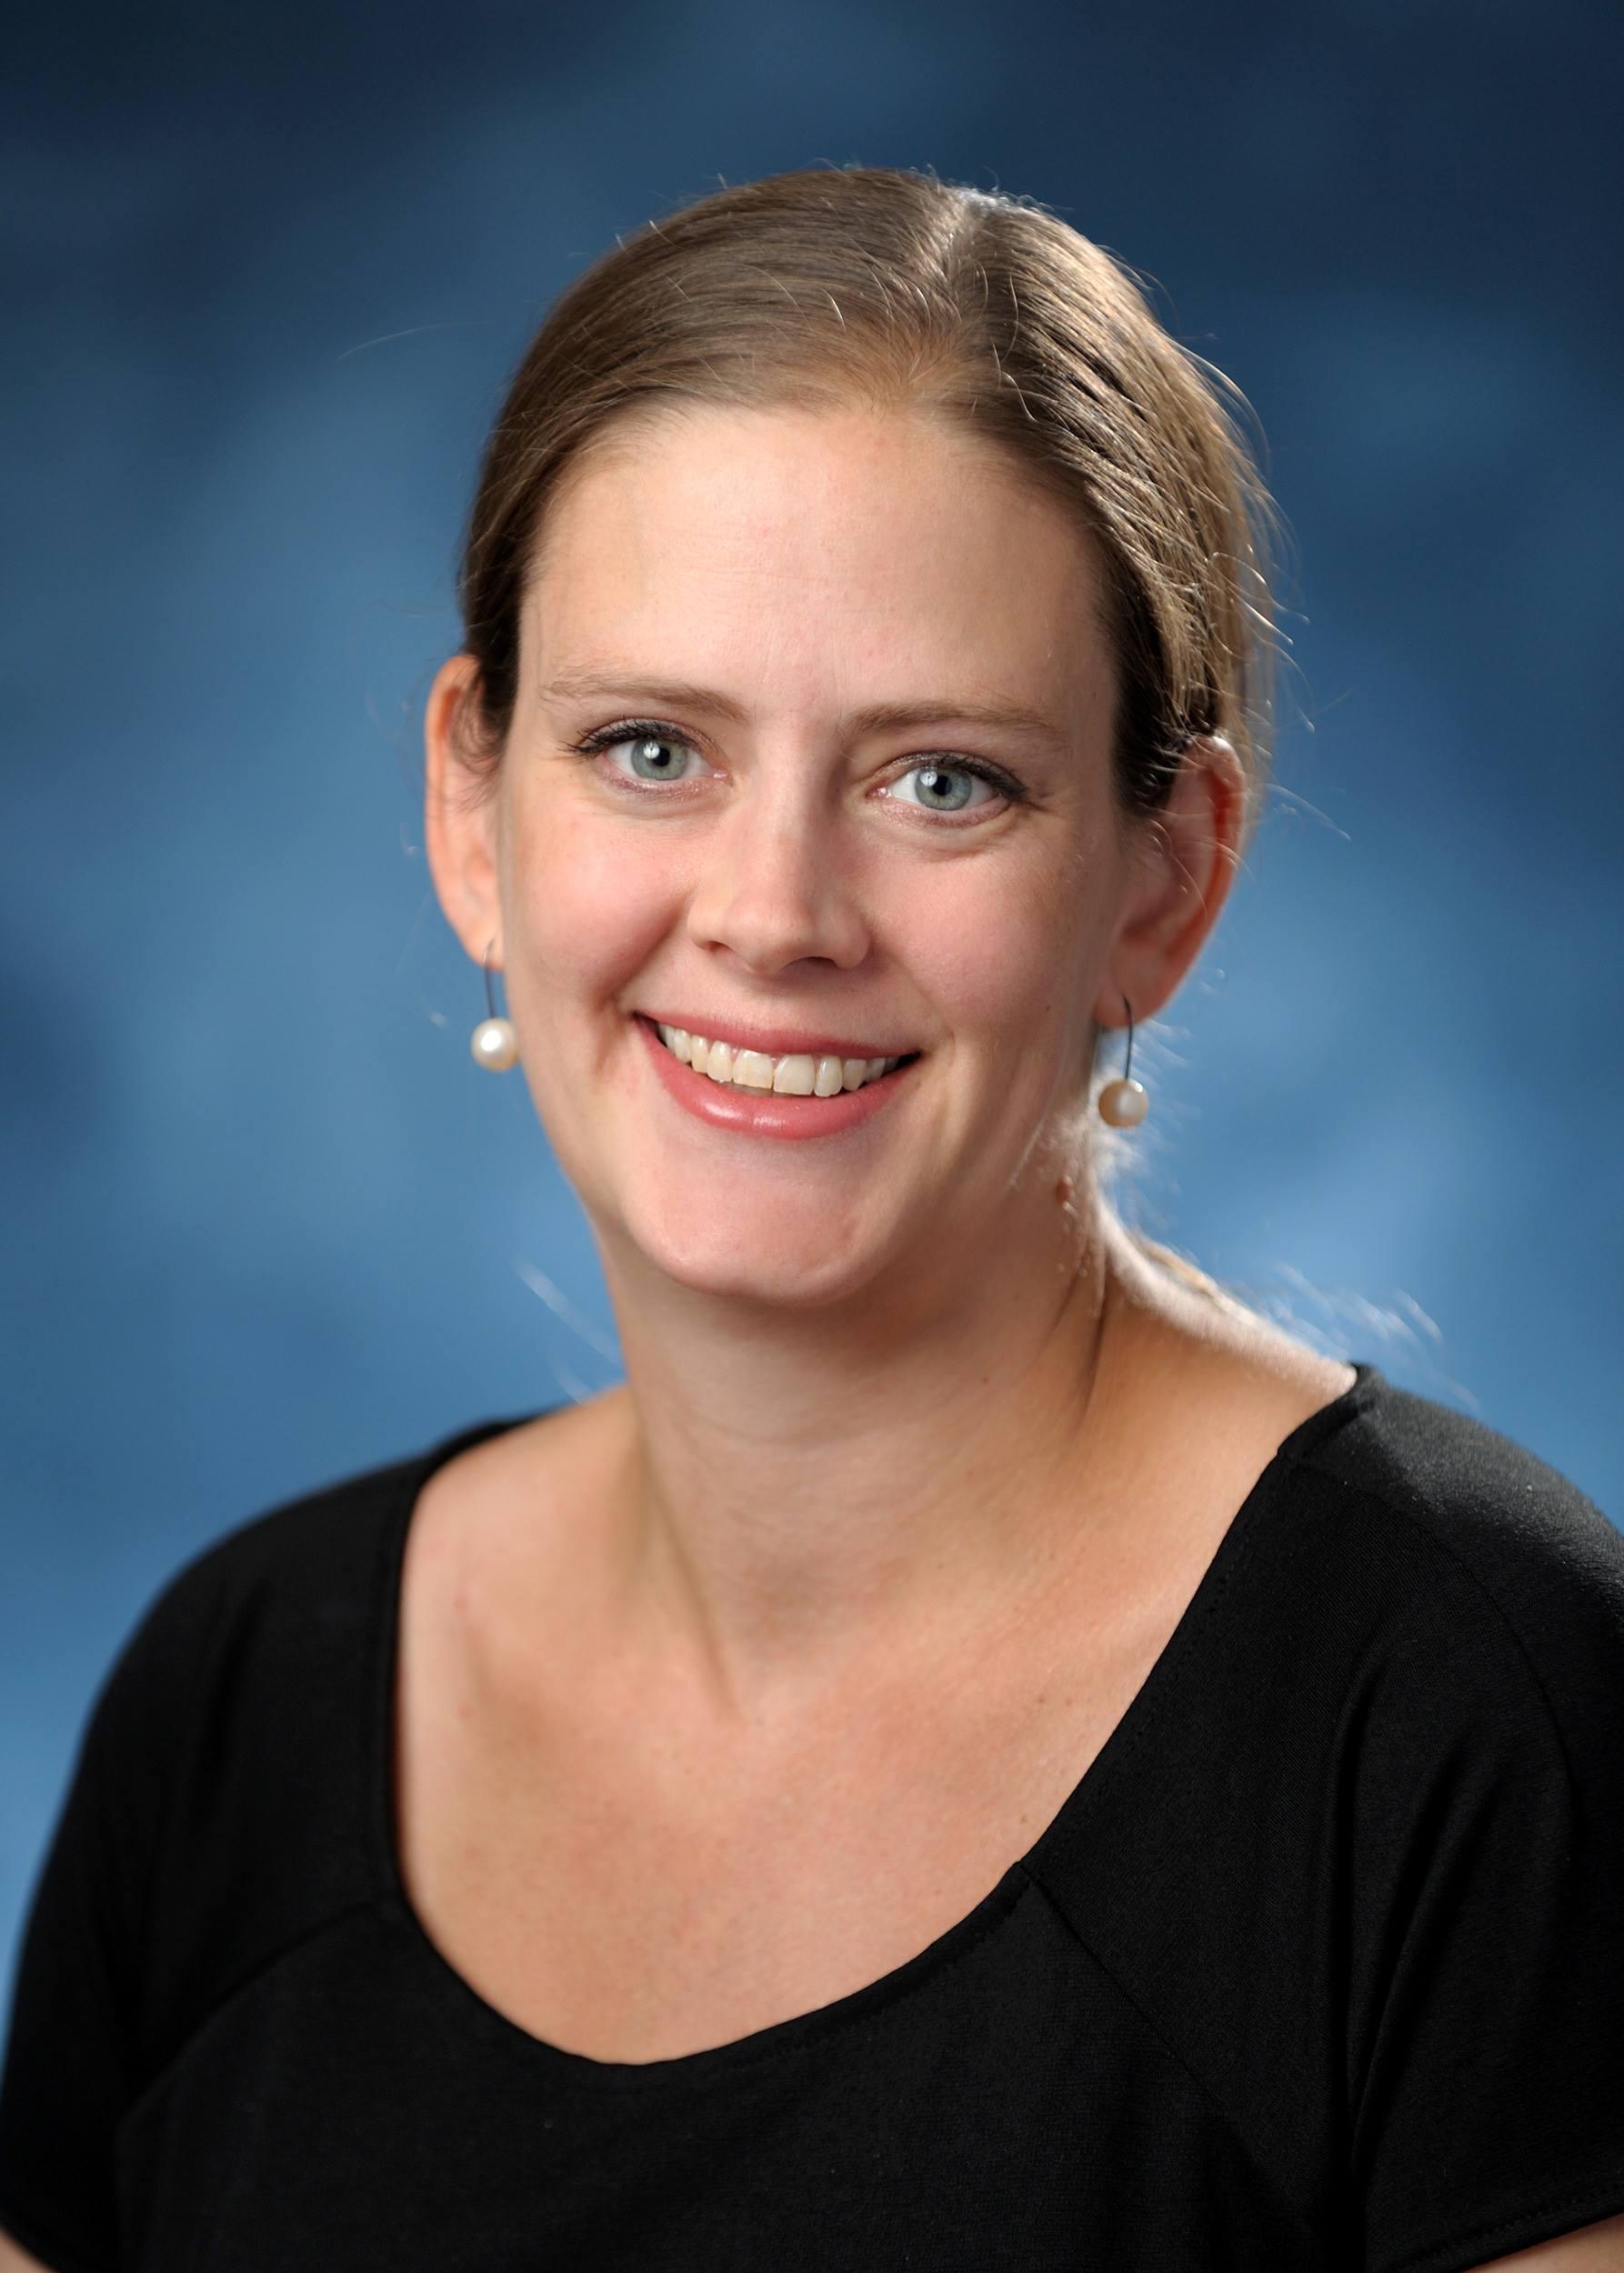 Dr. Sarah Injac